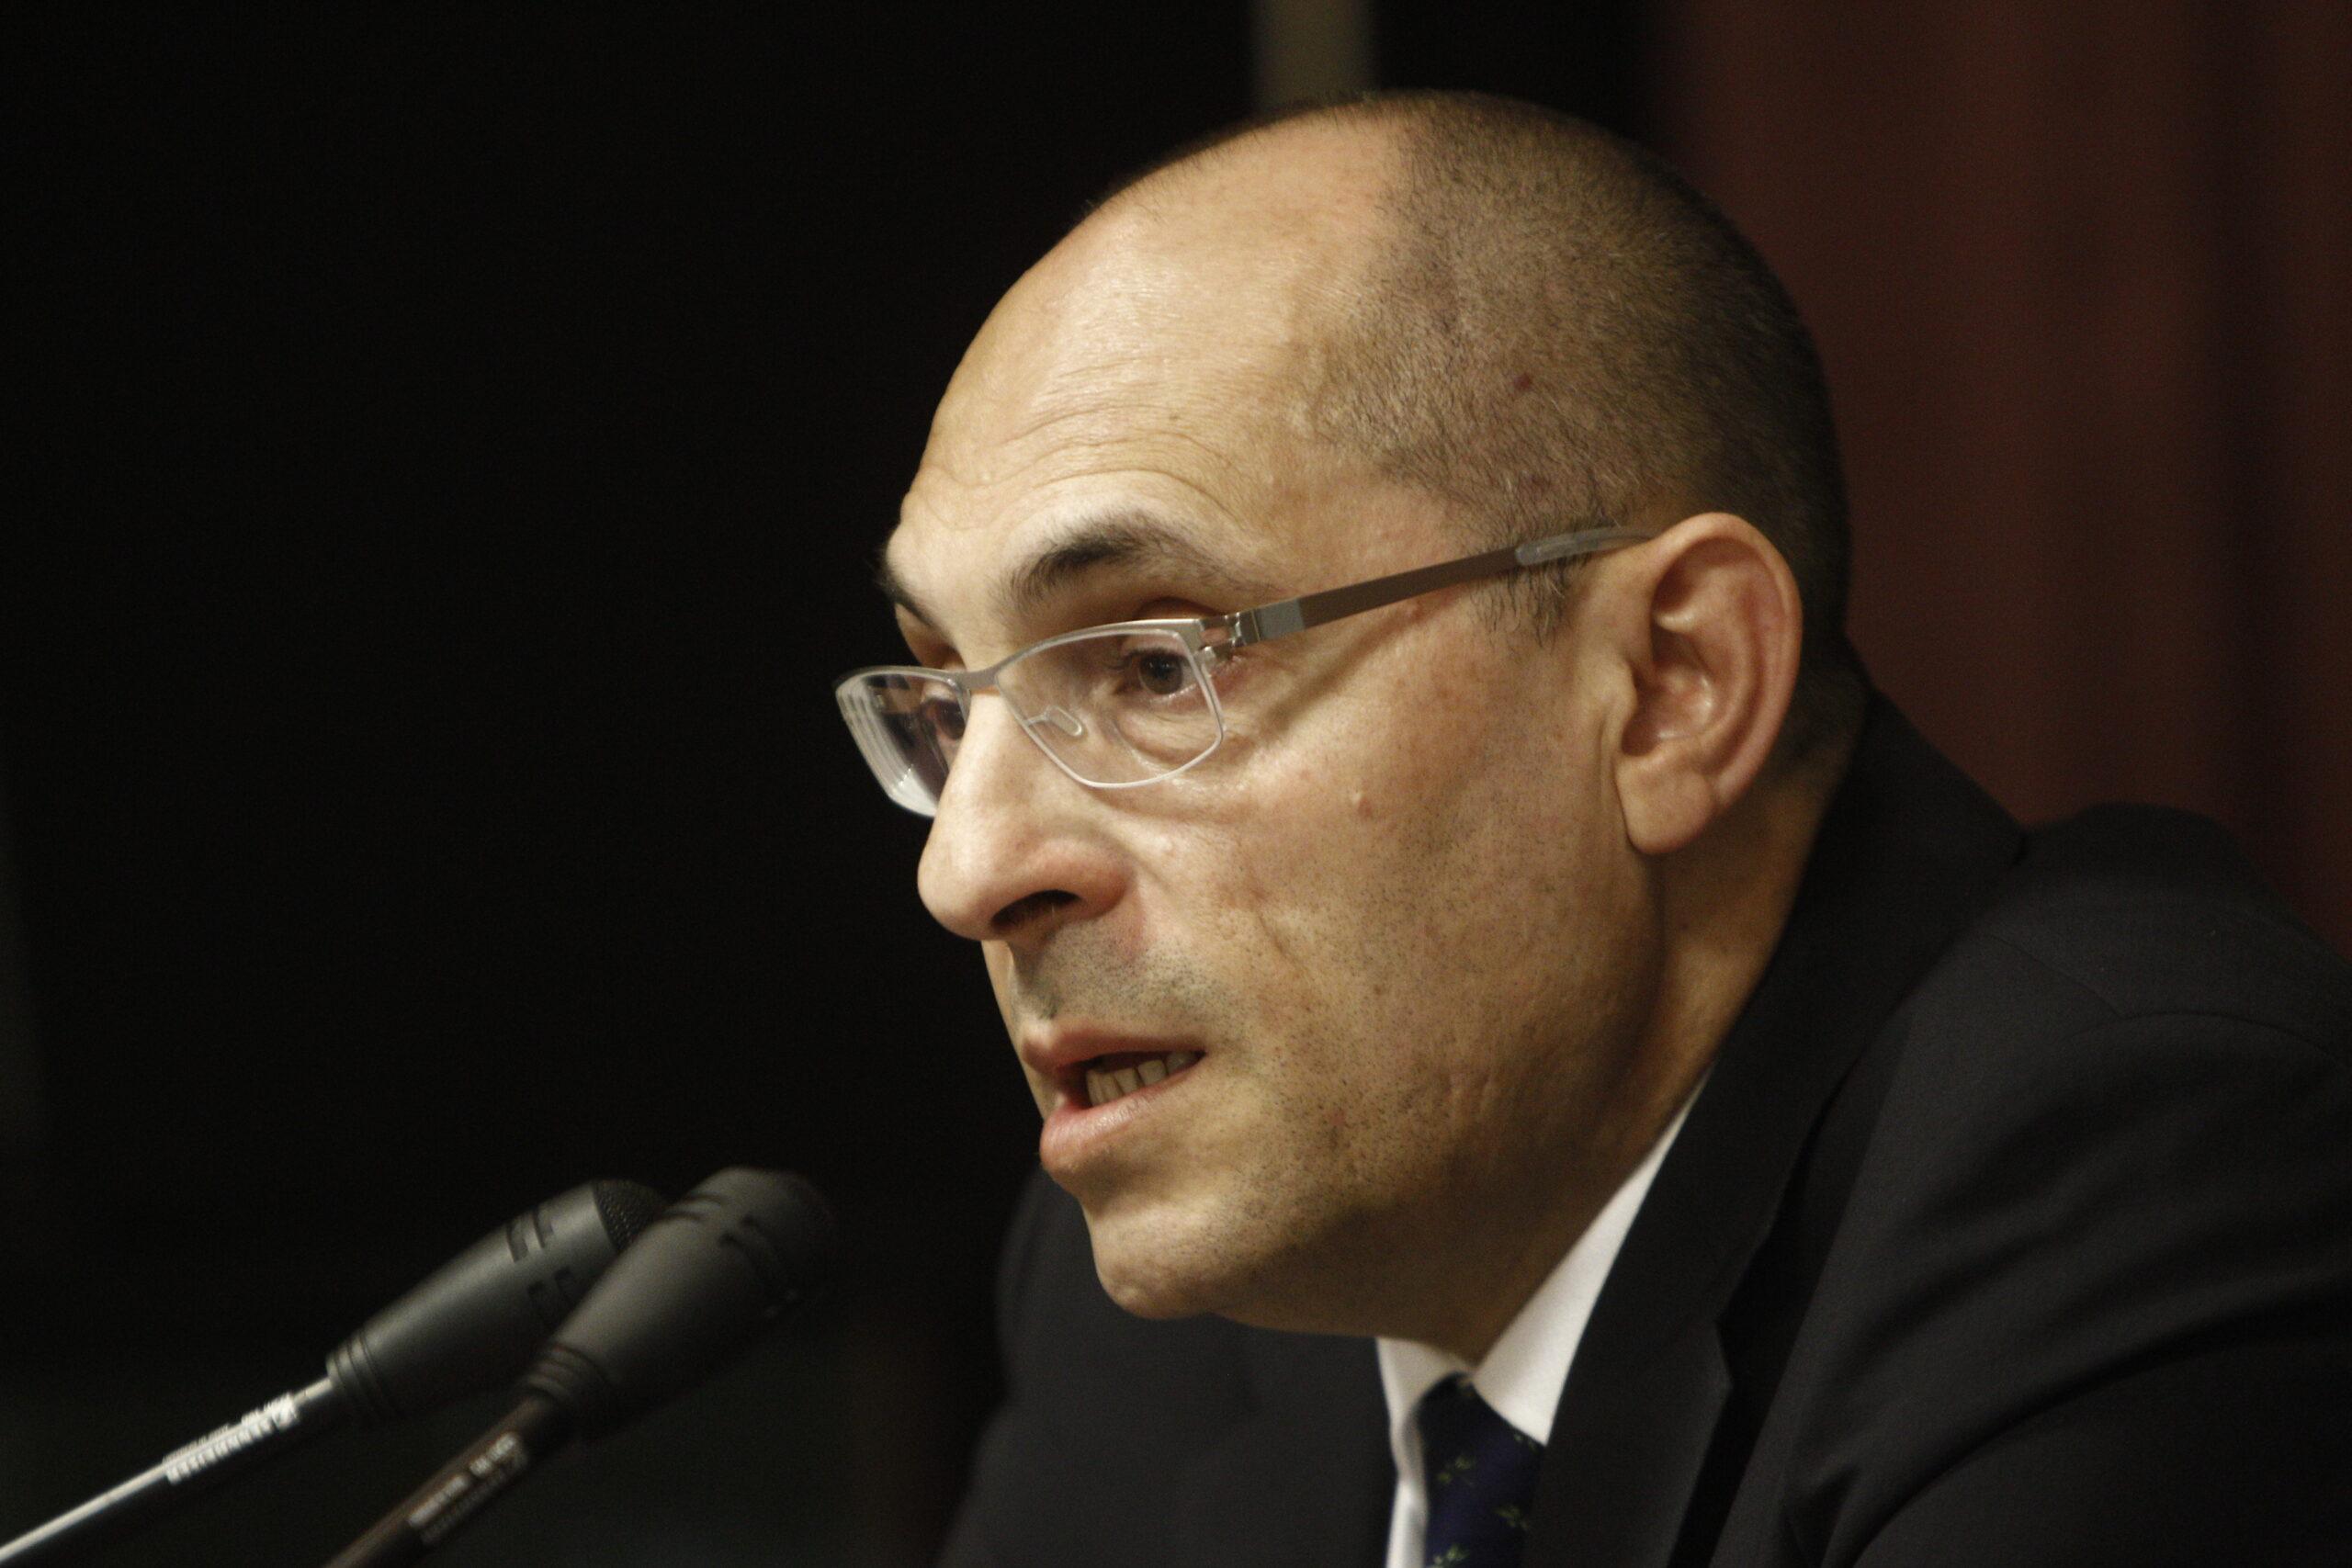 Elpidio Silva en una imatge d'arxiu/EP